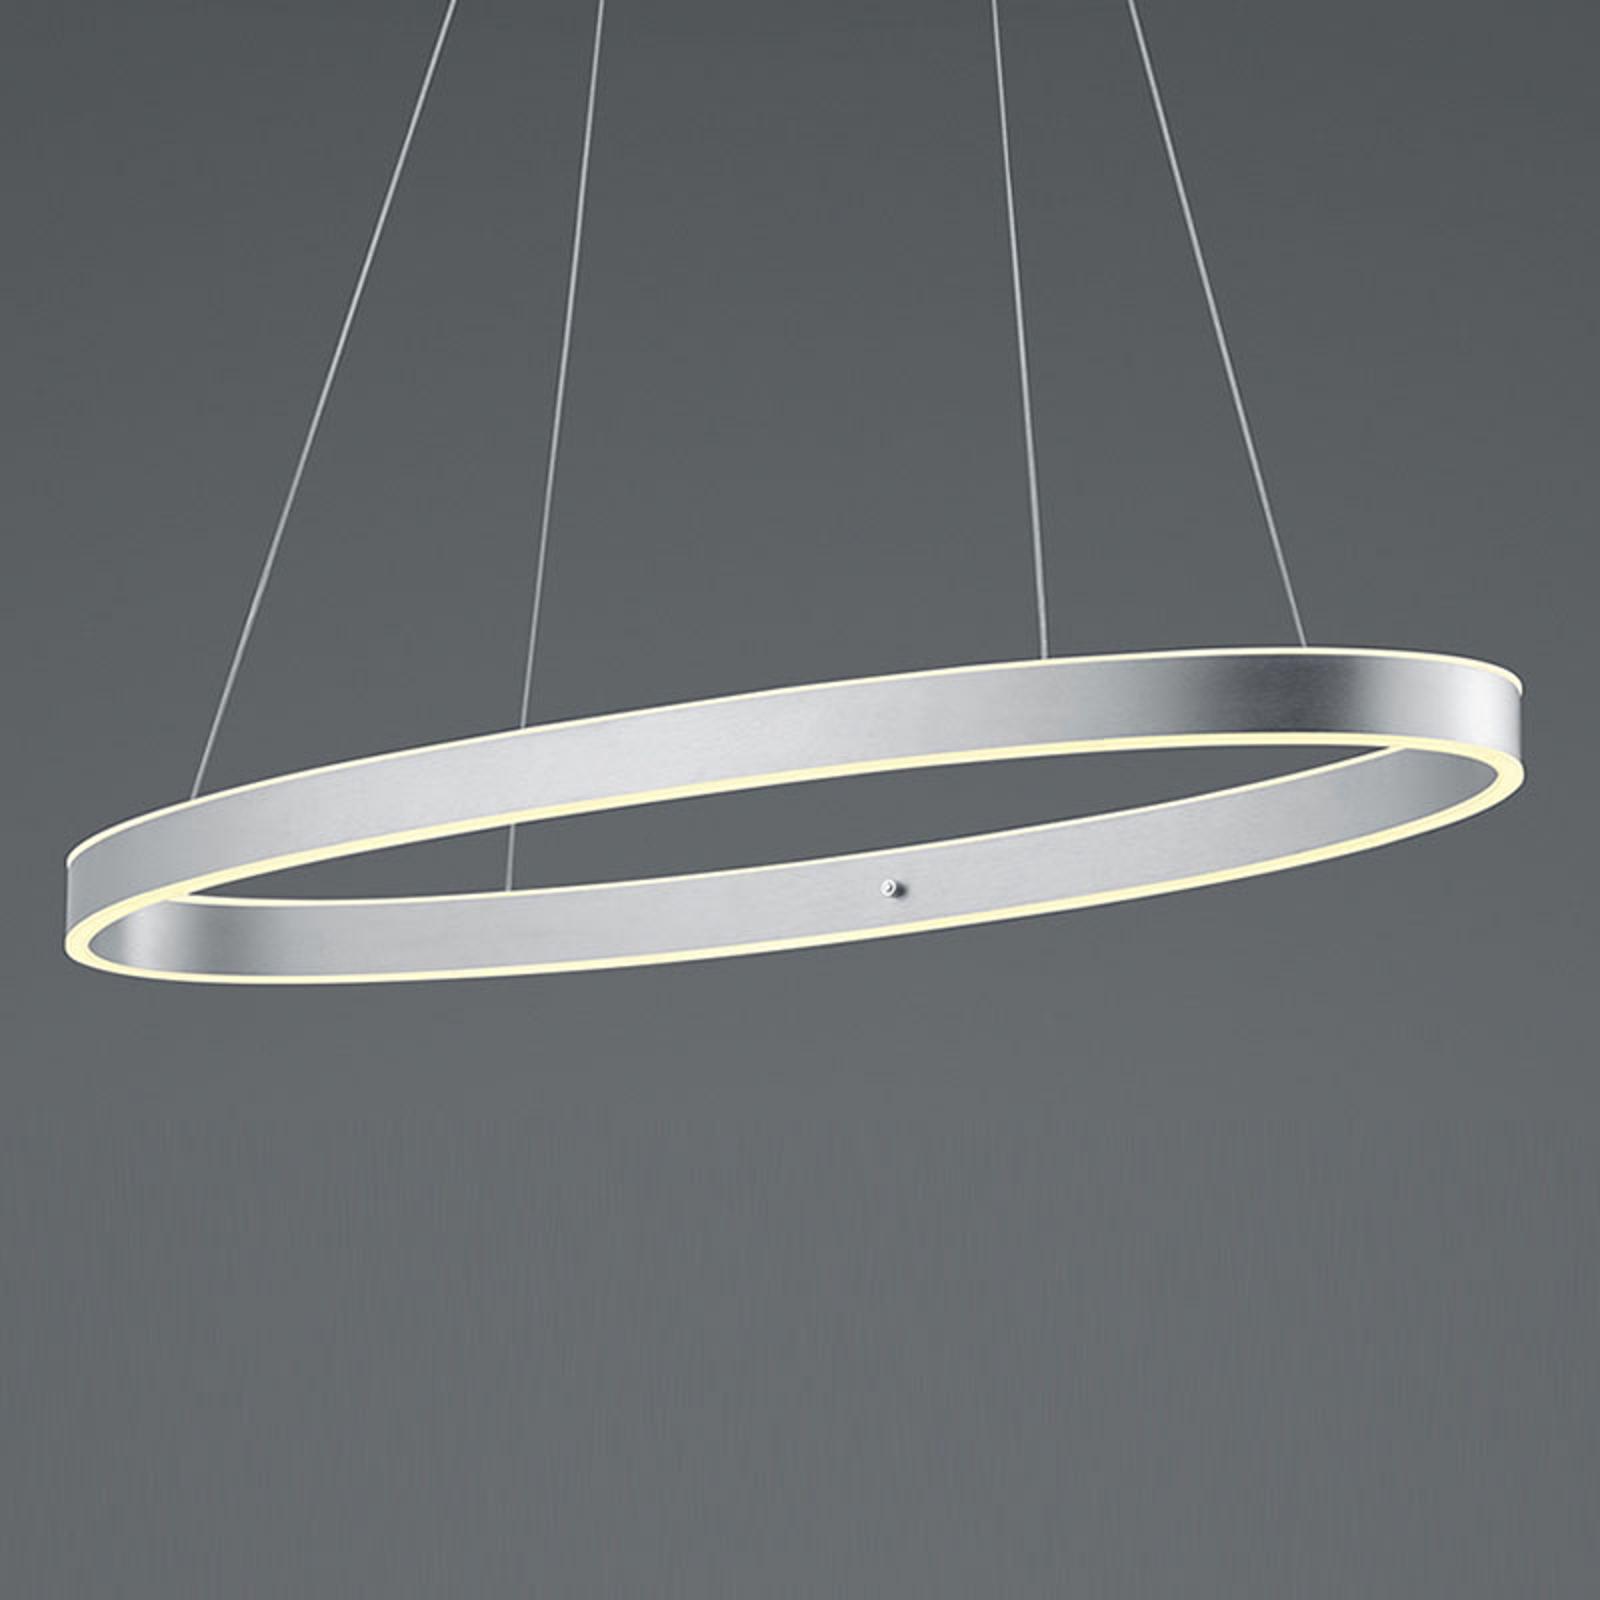 B-Leuchten Delta LED-Hängeleuchte, aluminium matt